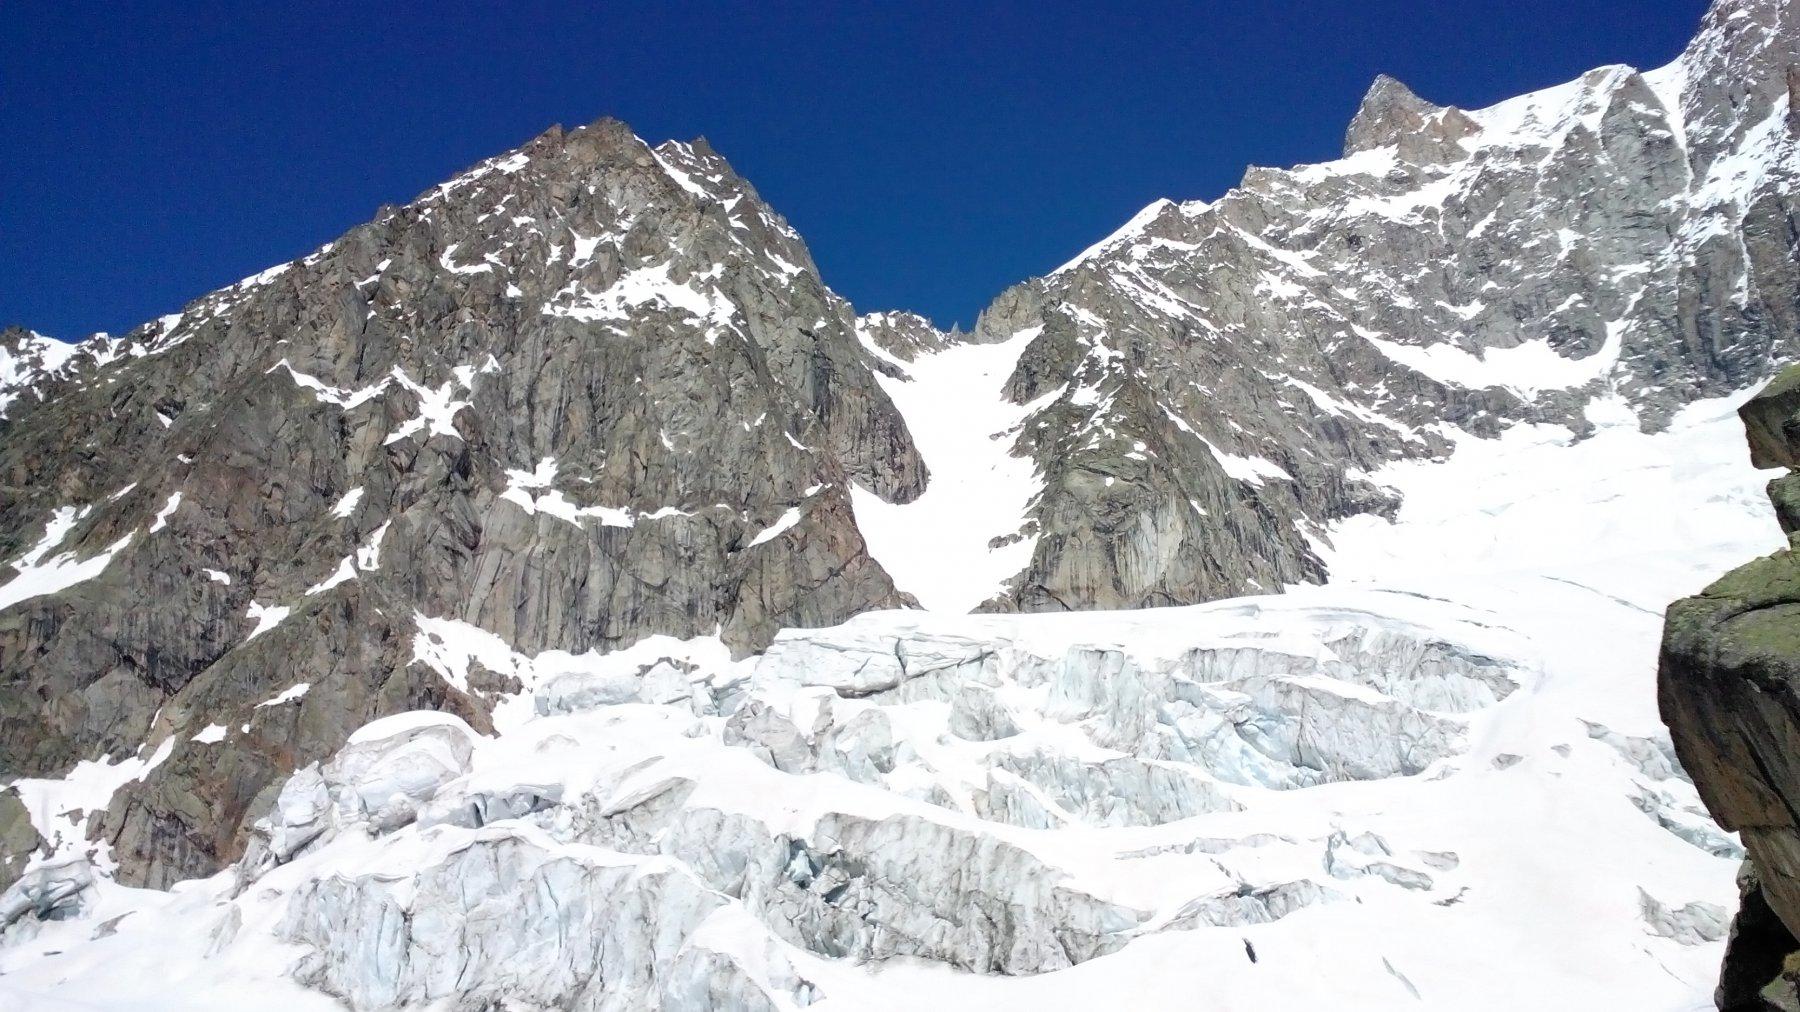 vista sul ghiacciaio di Planpincieux, dalla terrazza del rifugio